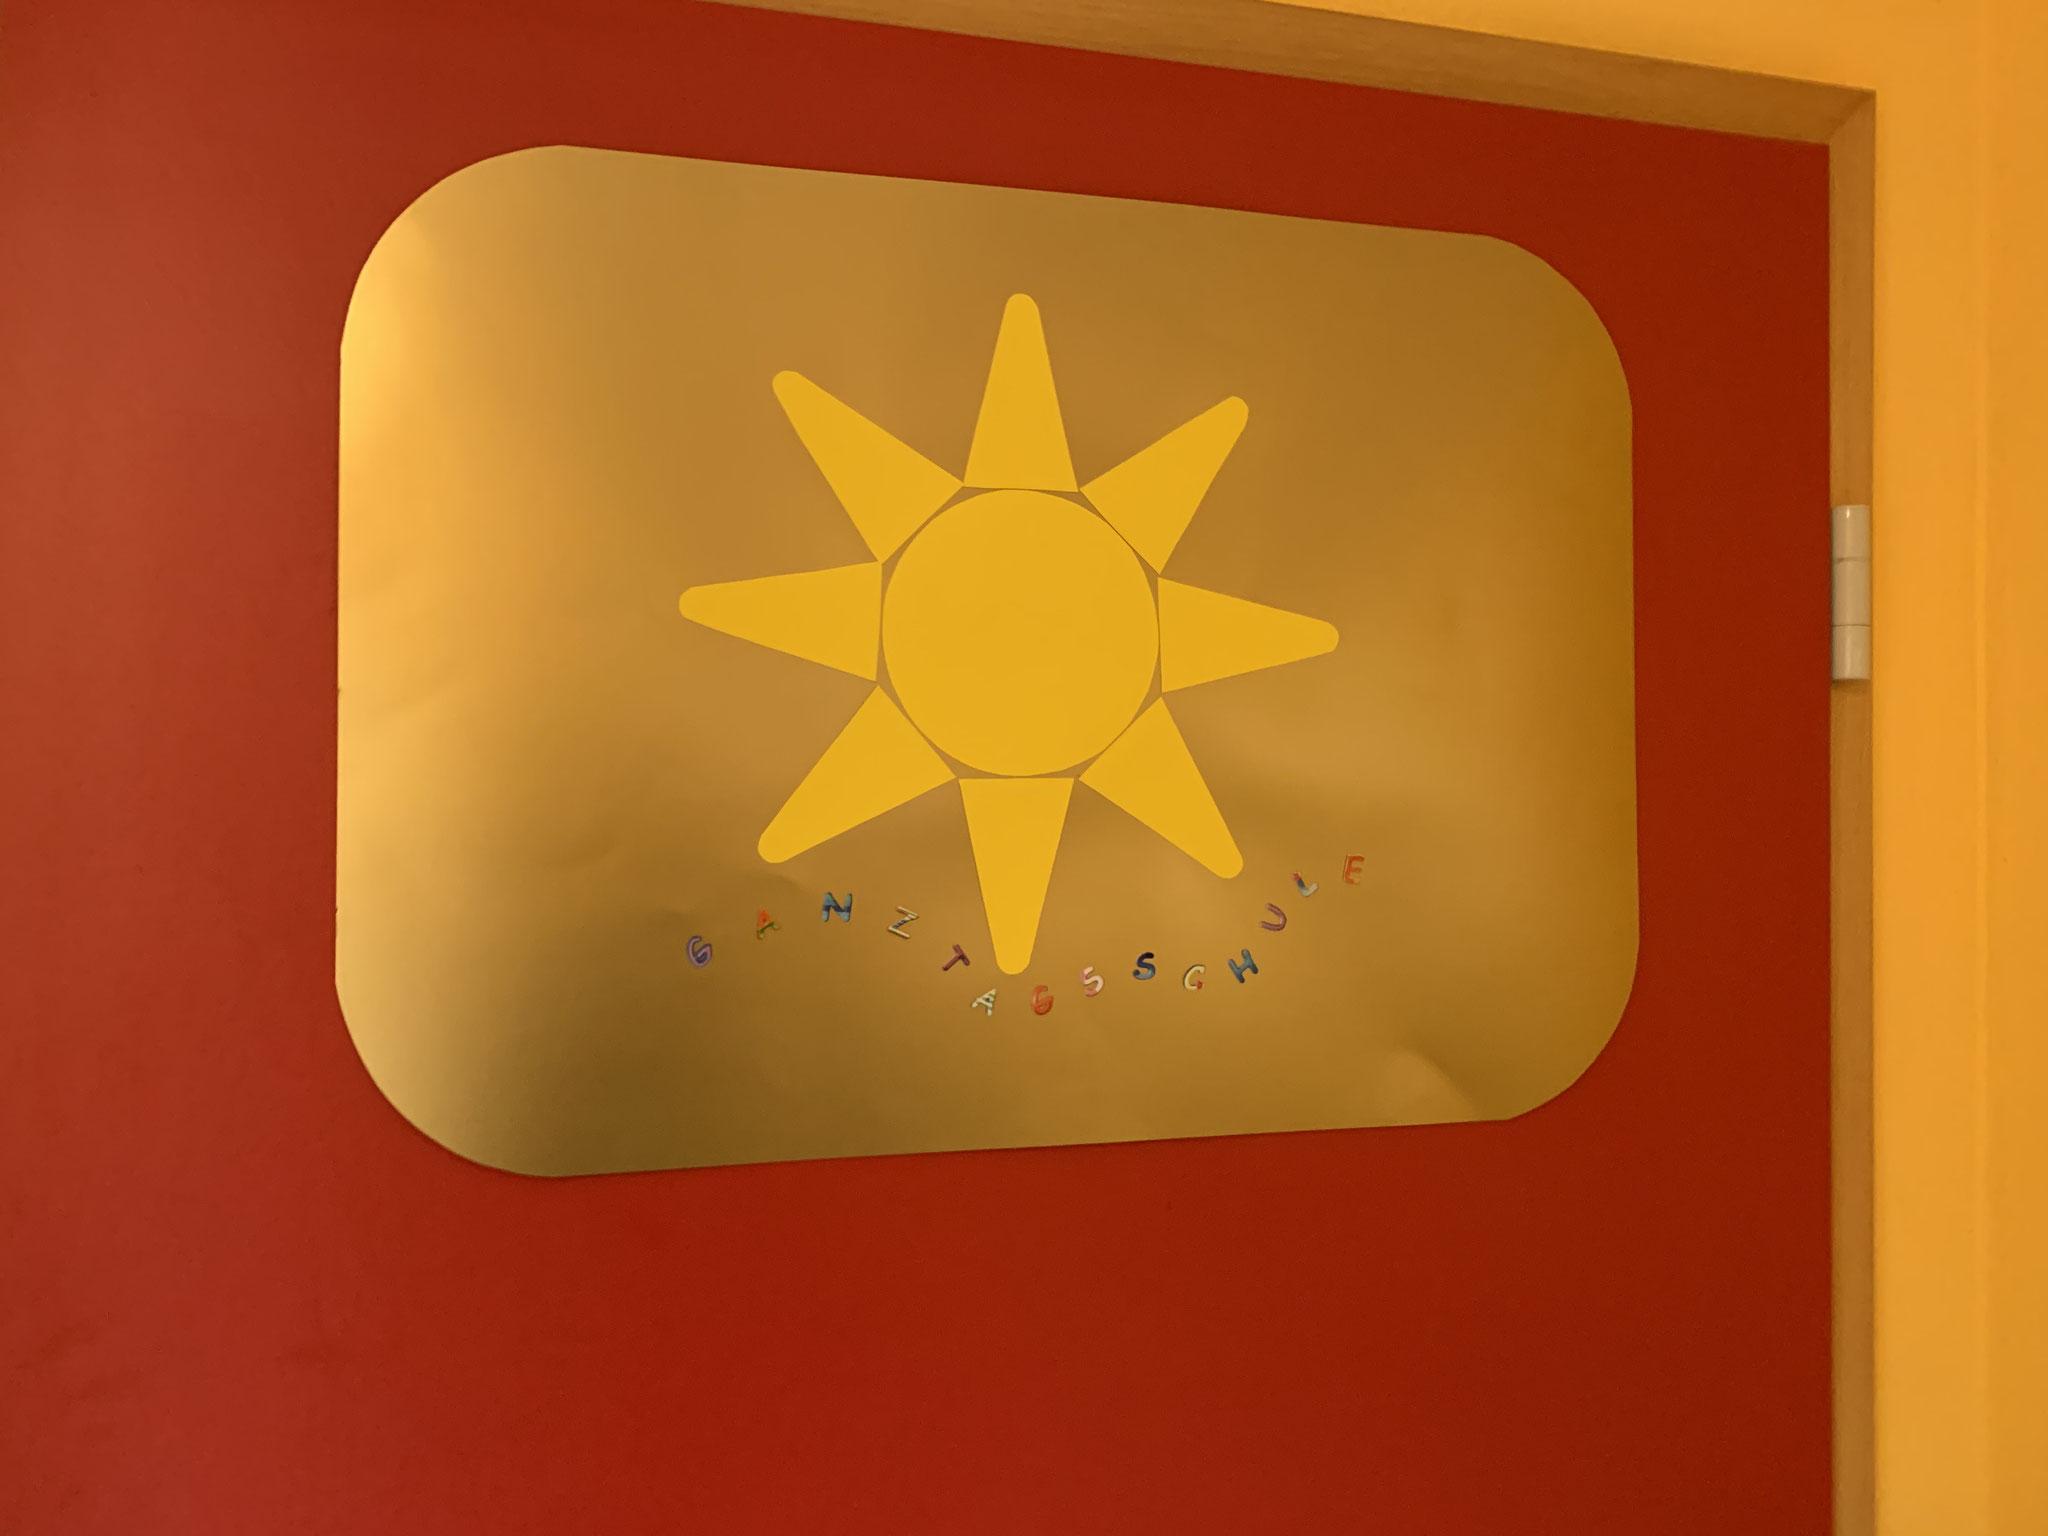 Betreuung Sonne, 1a und 1b